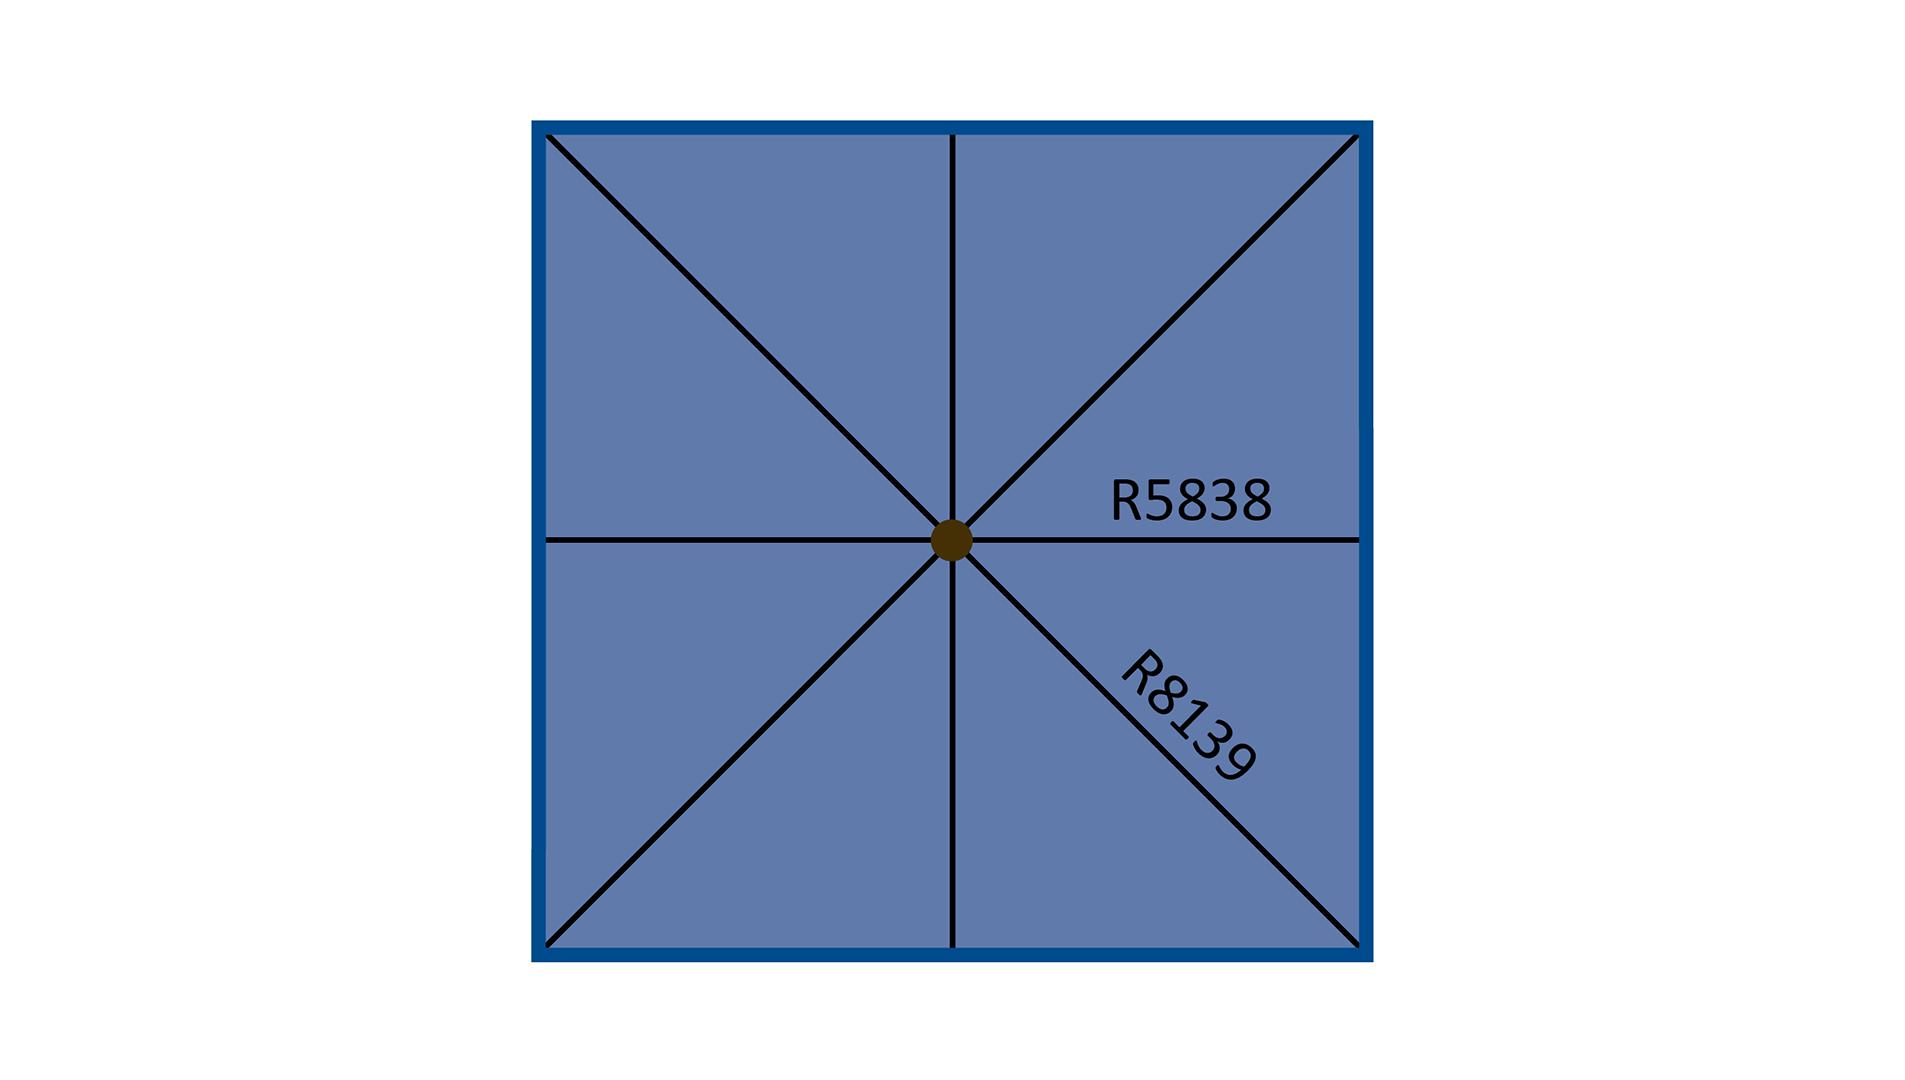 Rib 10 Sq Diagram